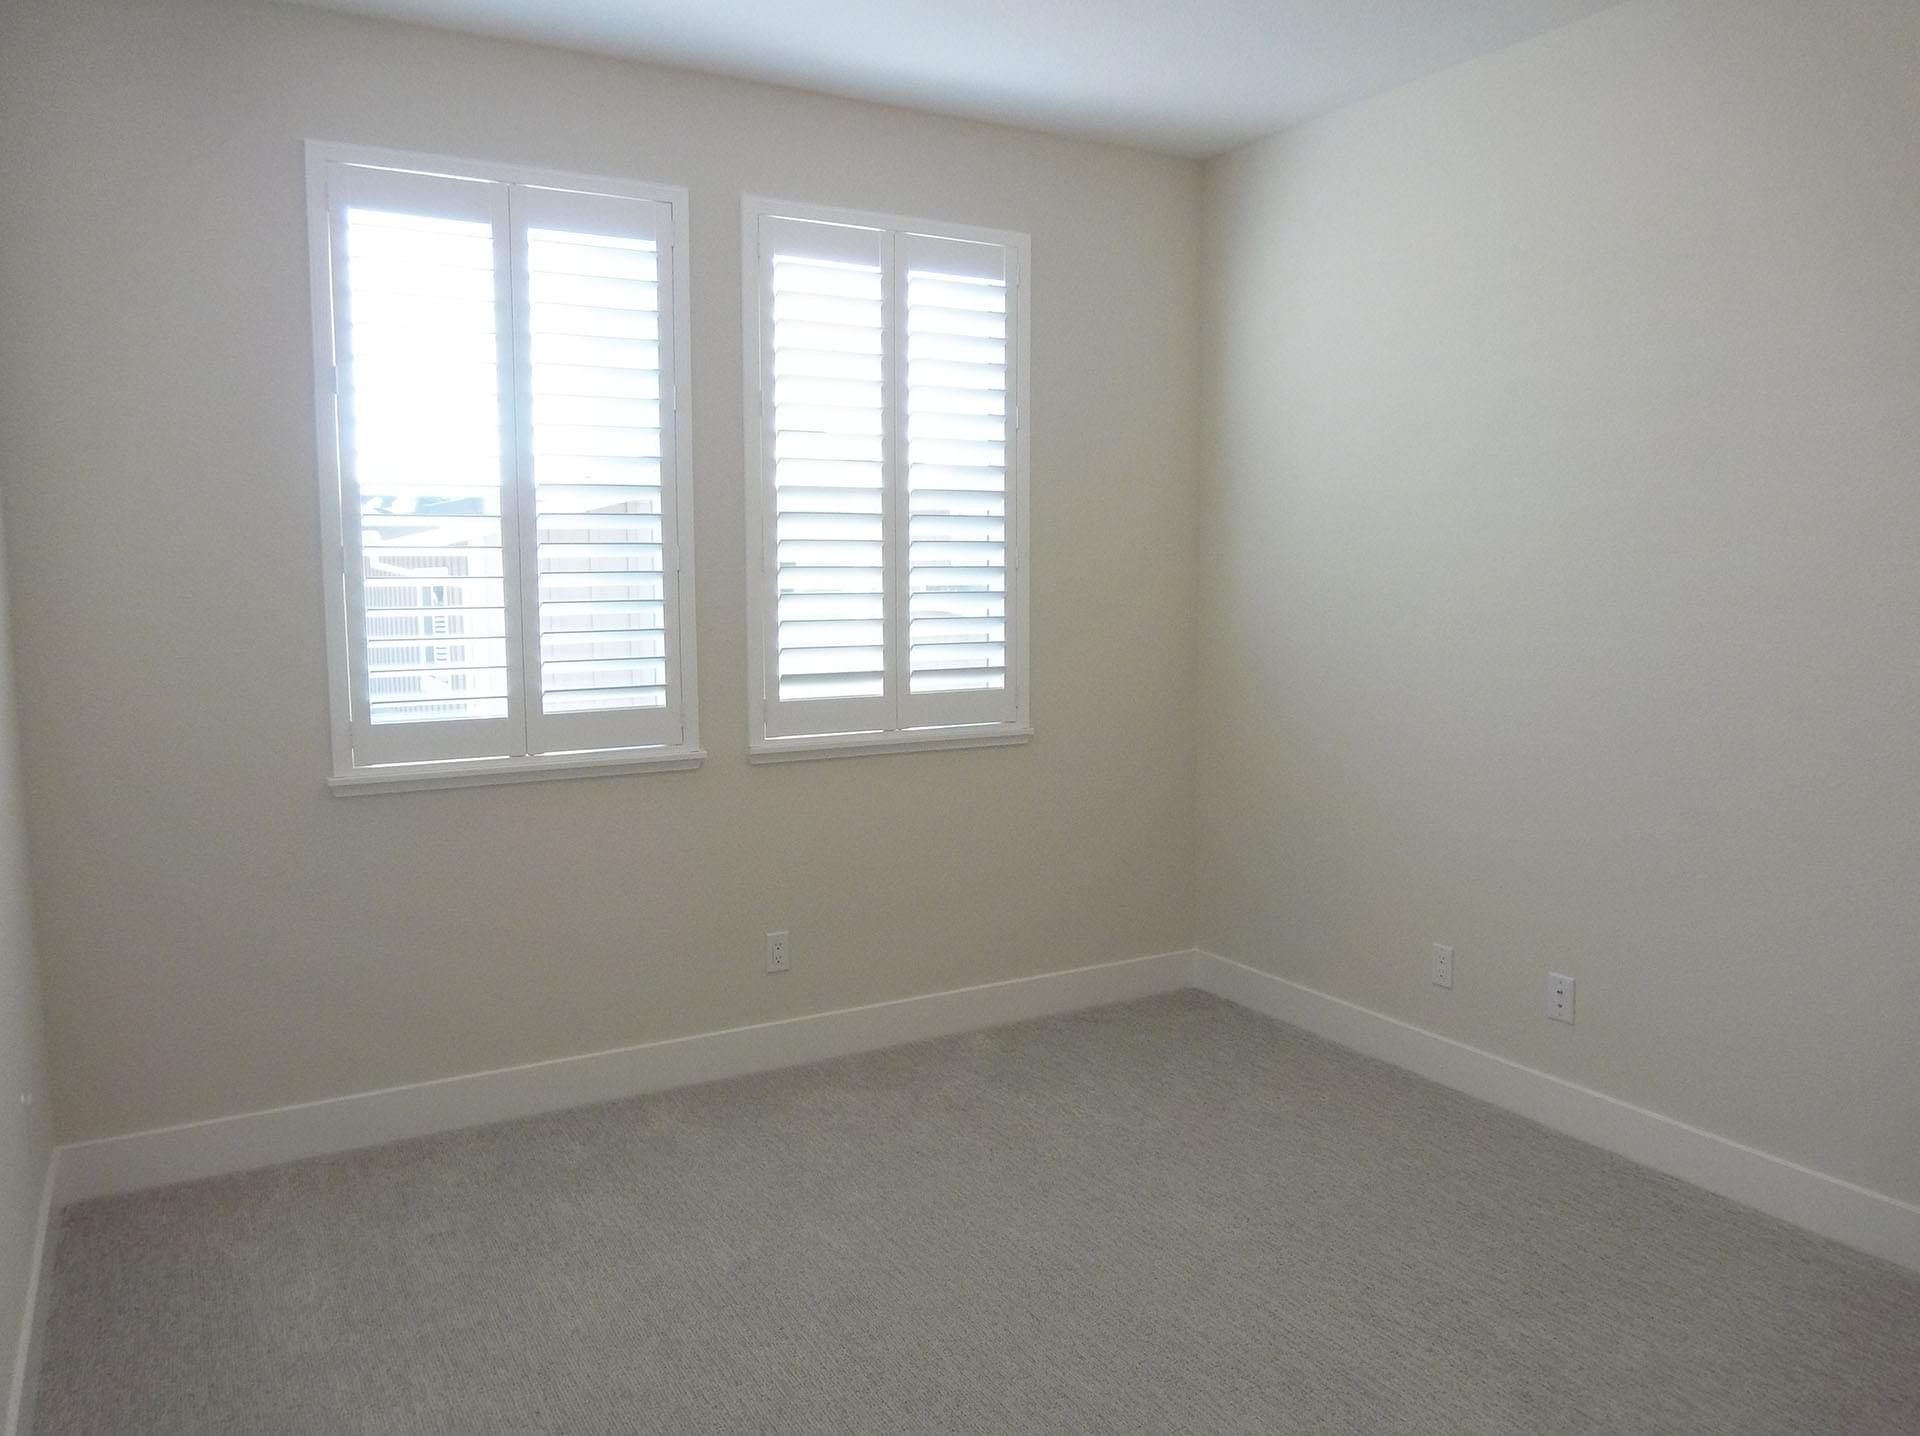 Lot 5 Bedroom 3